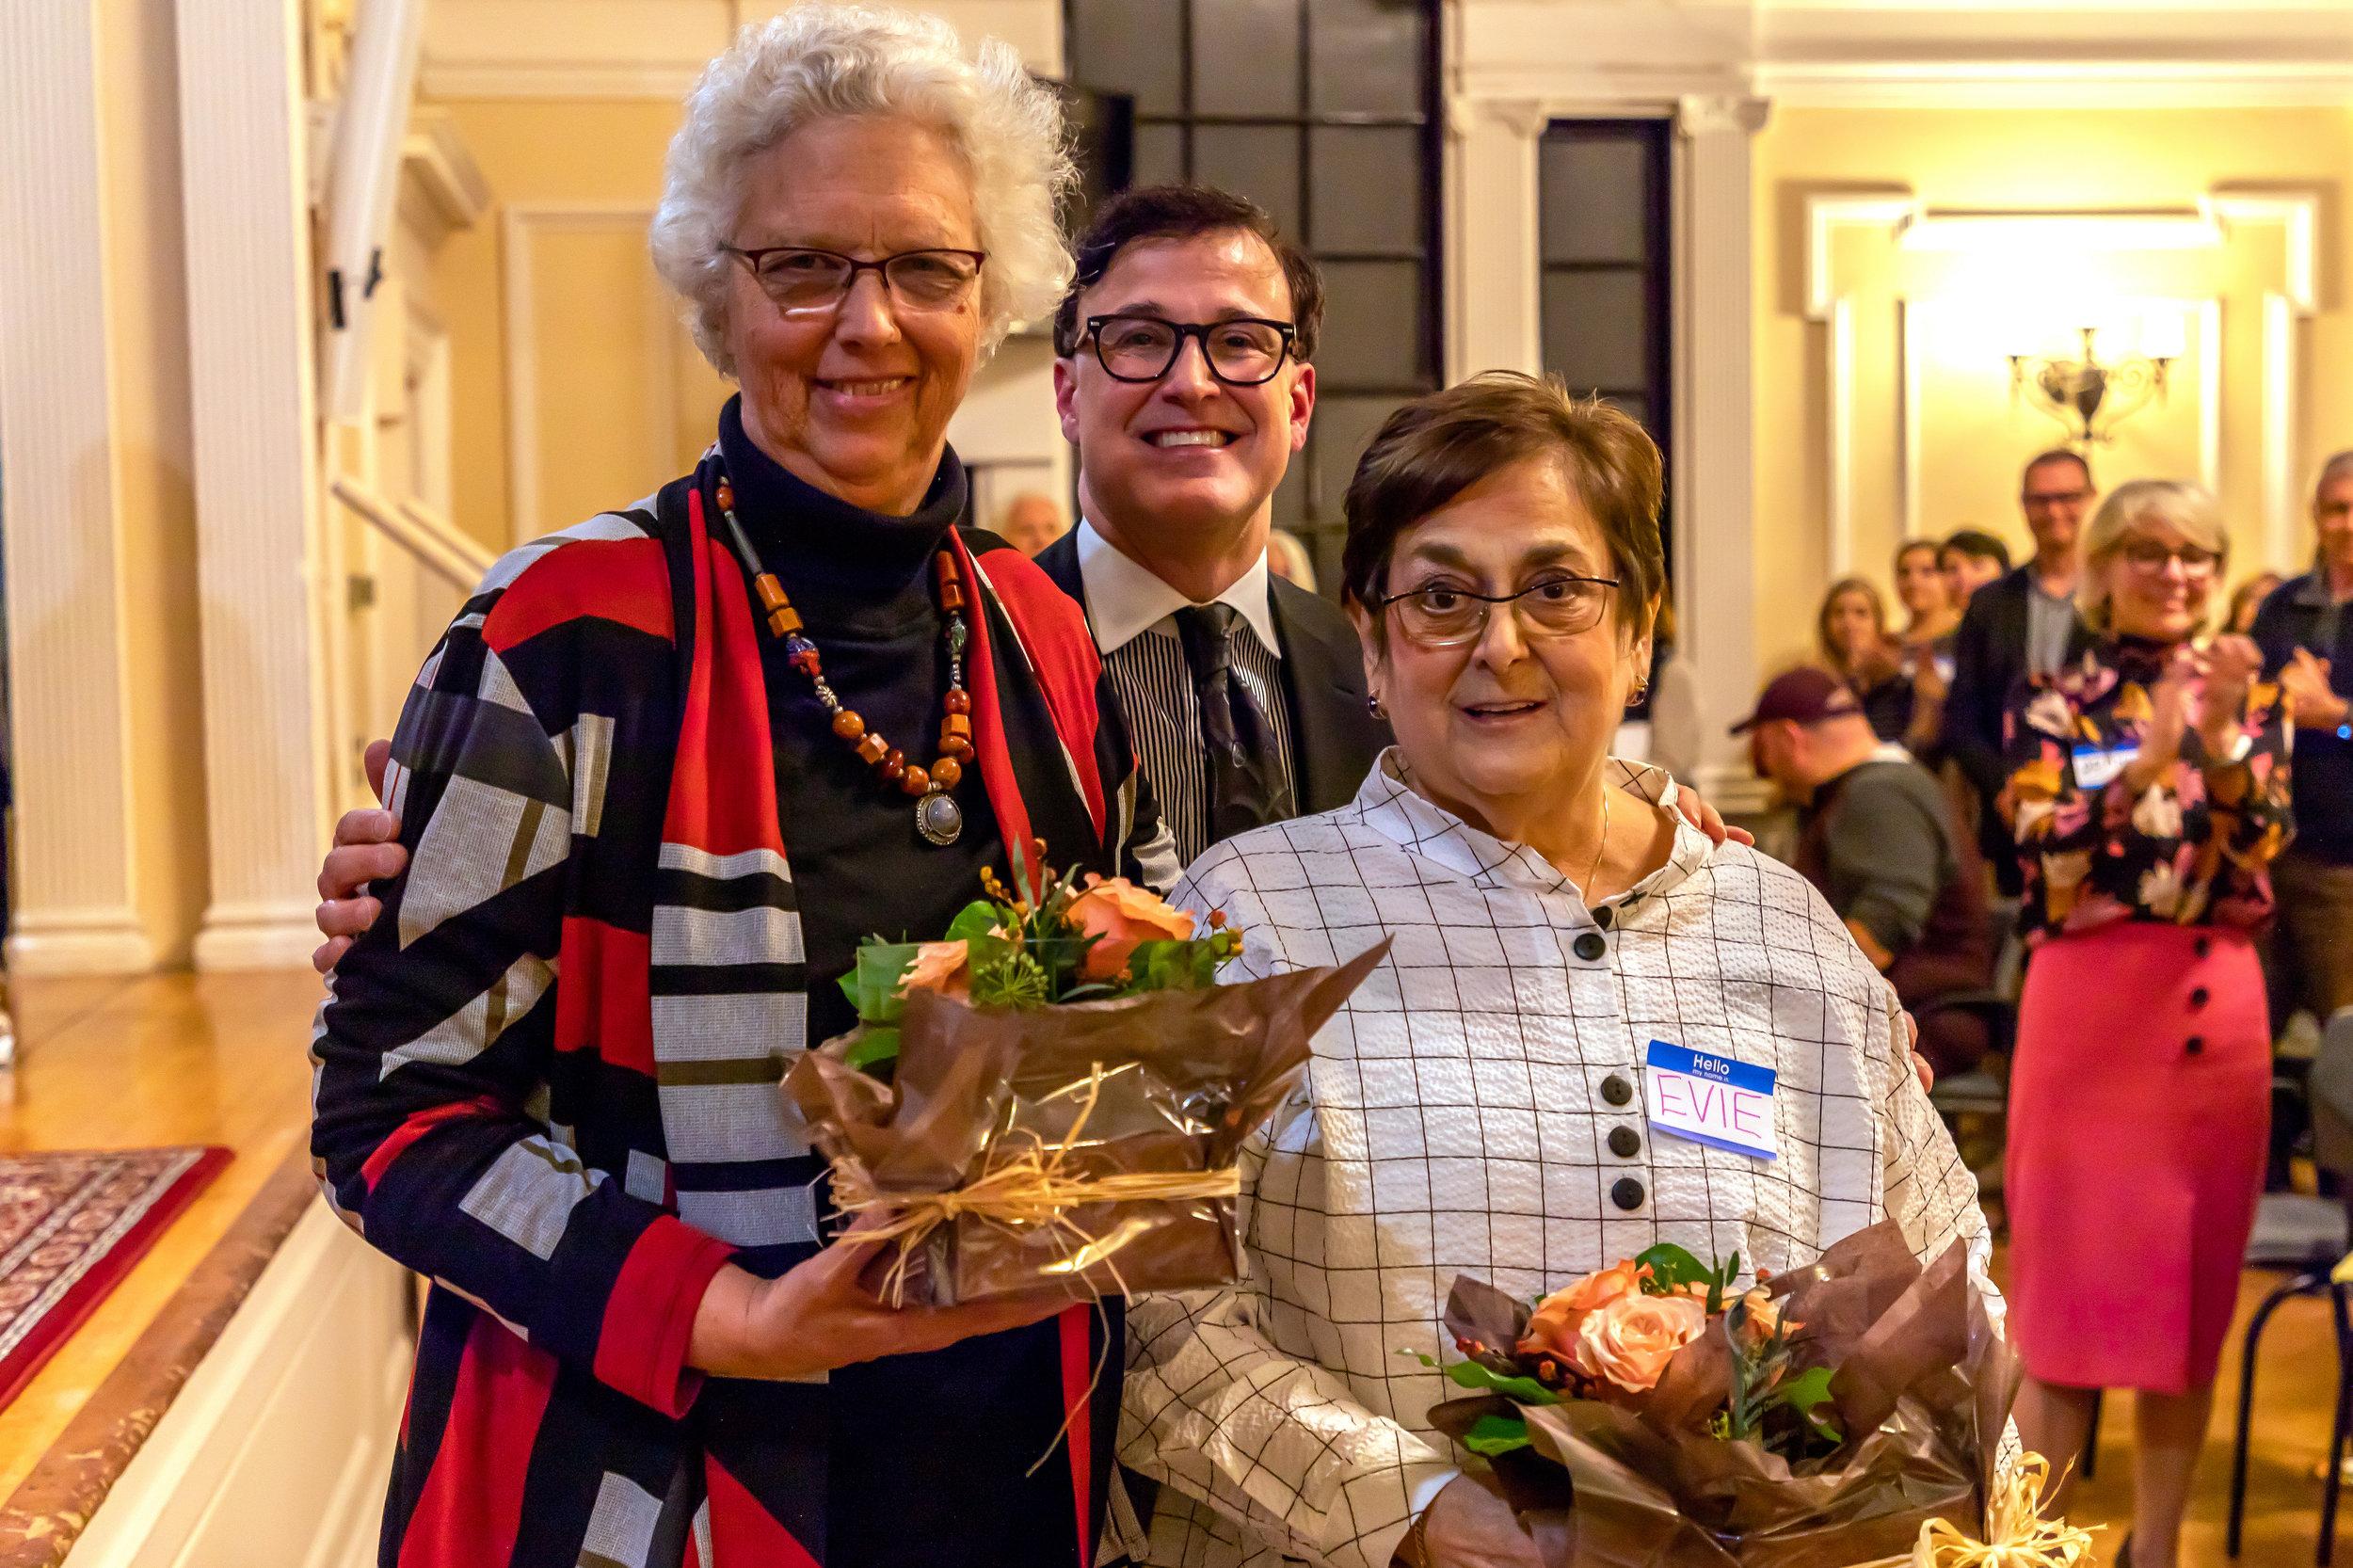 Anne Whitman, Joe Flores, Evie Barkin